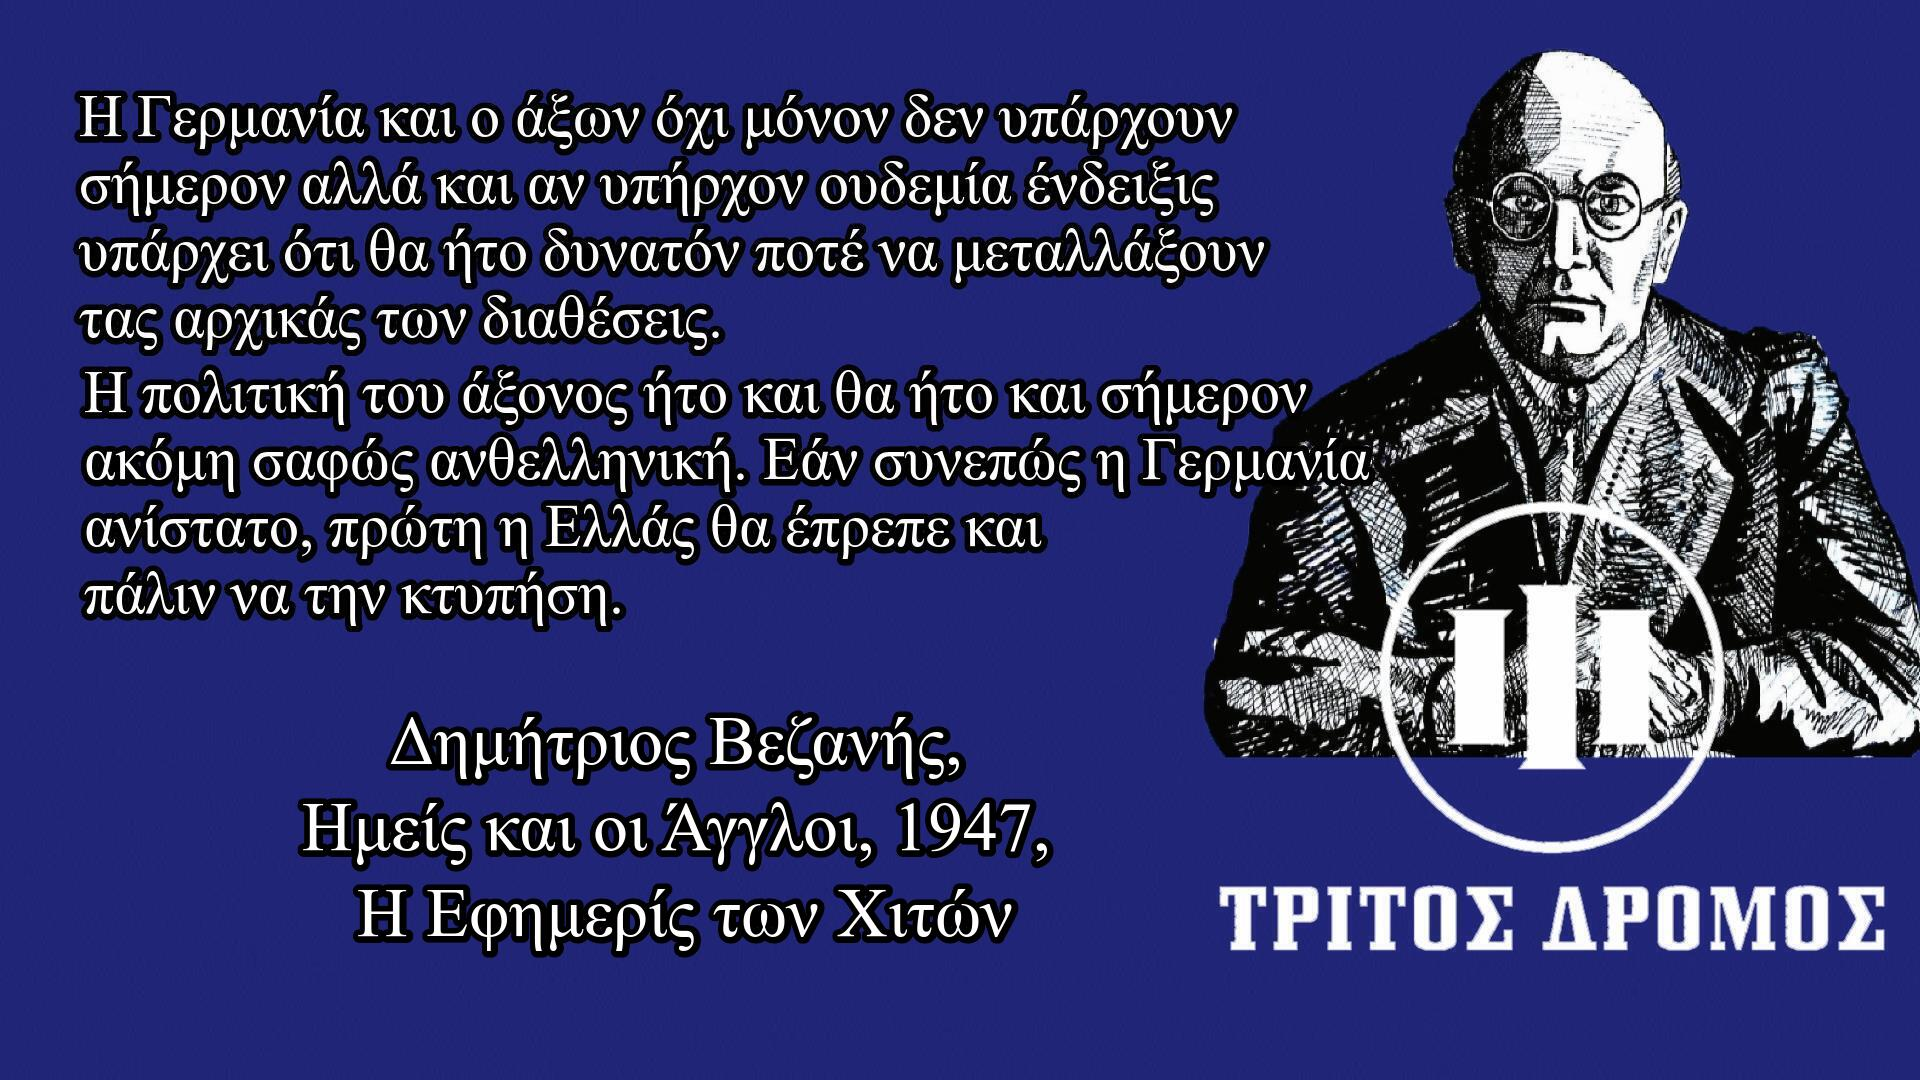 Δημήτριος Βεζανής: Ο Σοσιαλισμός των Εθνικιστών!